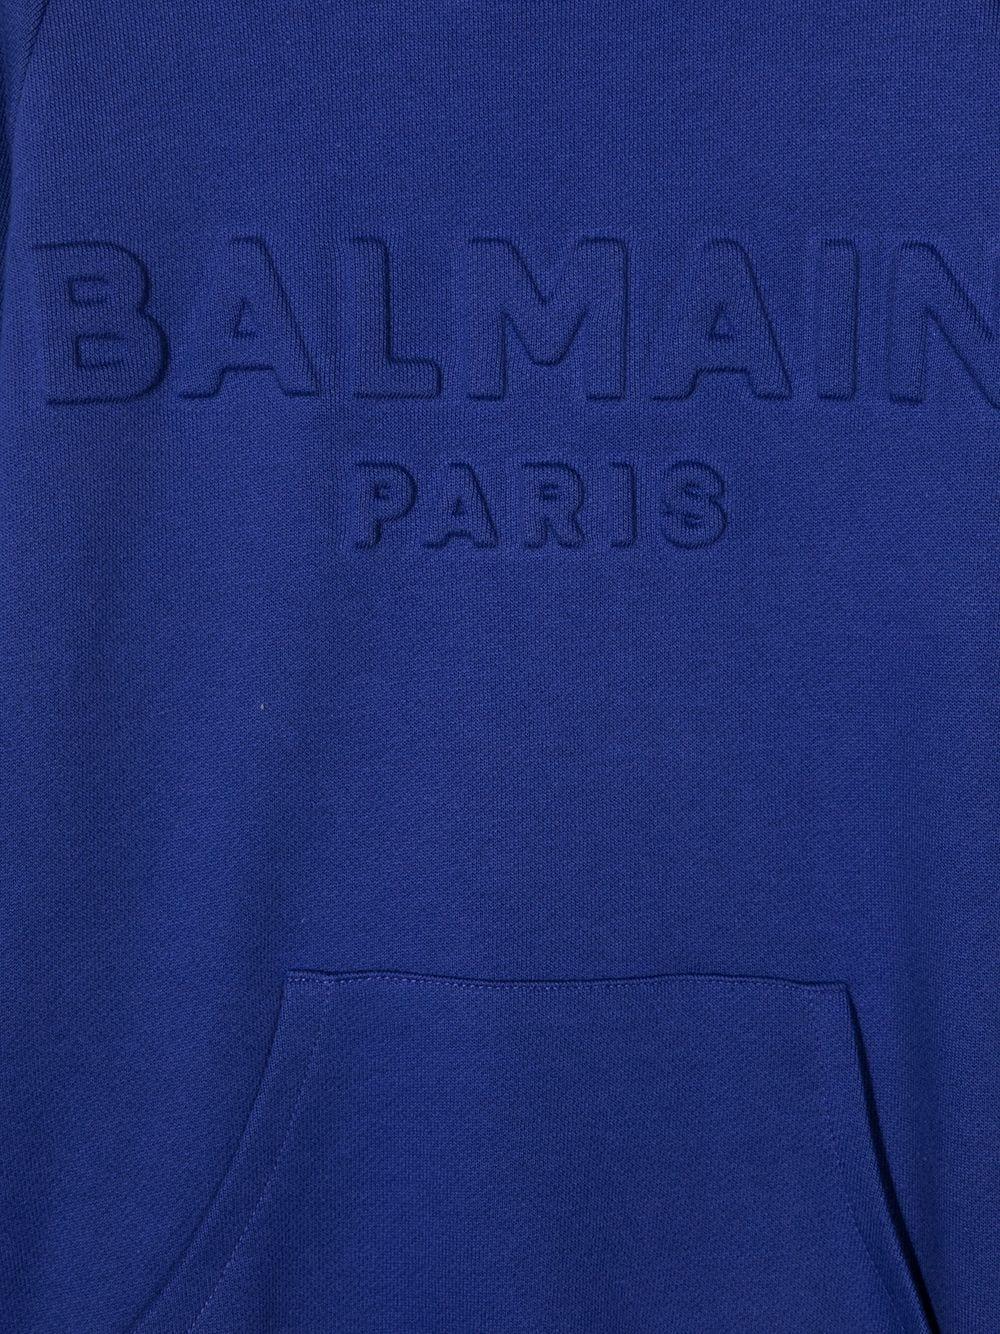 Balmain | Sweatshirt | 6N4700NX300616